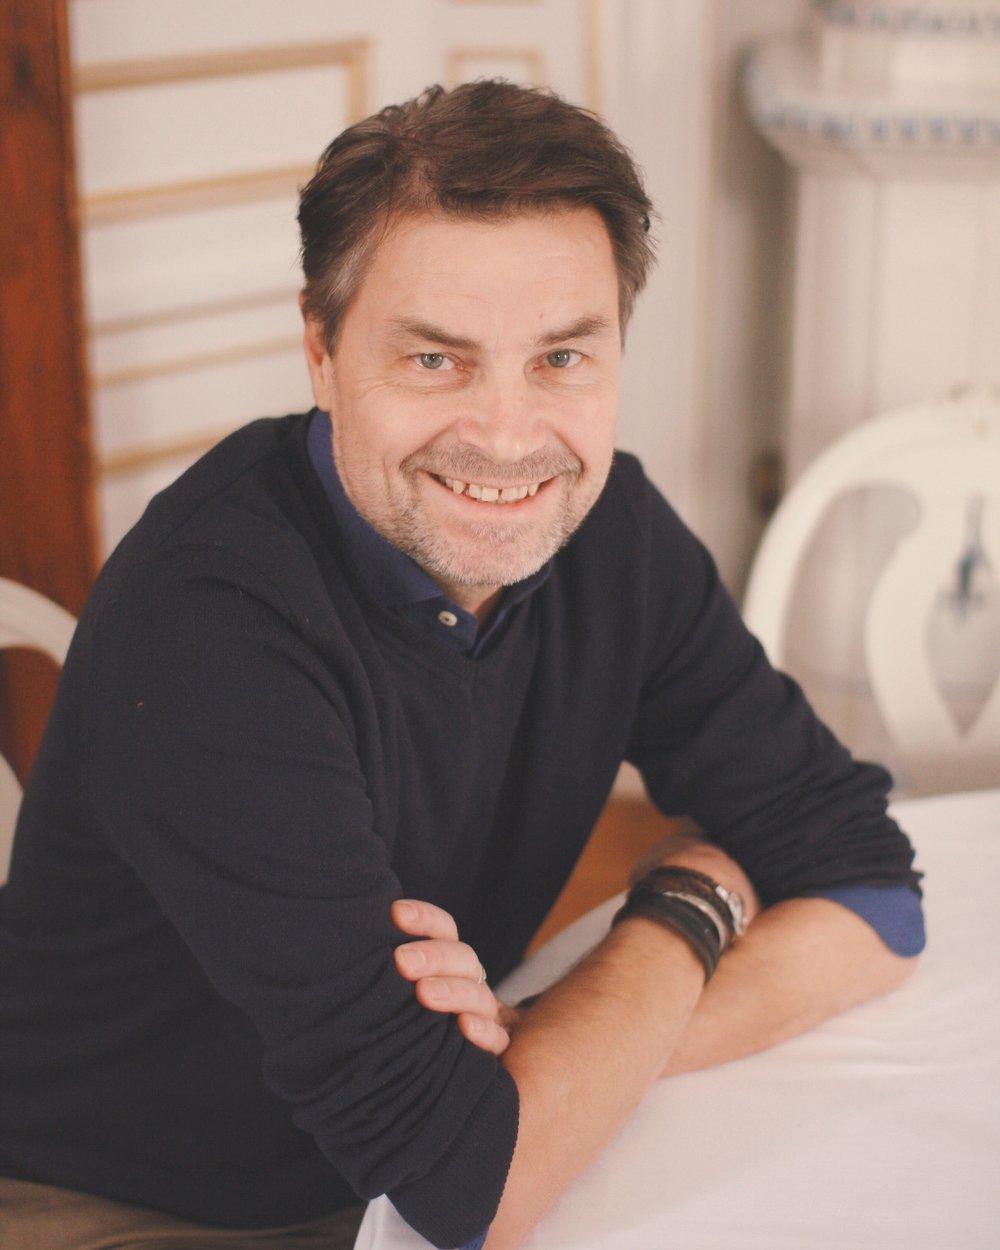 Harald Klefbom  +46 73-809 00 05   harald.klefbom@gaialeadership.com